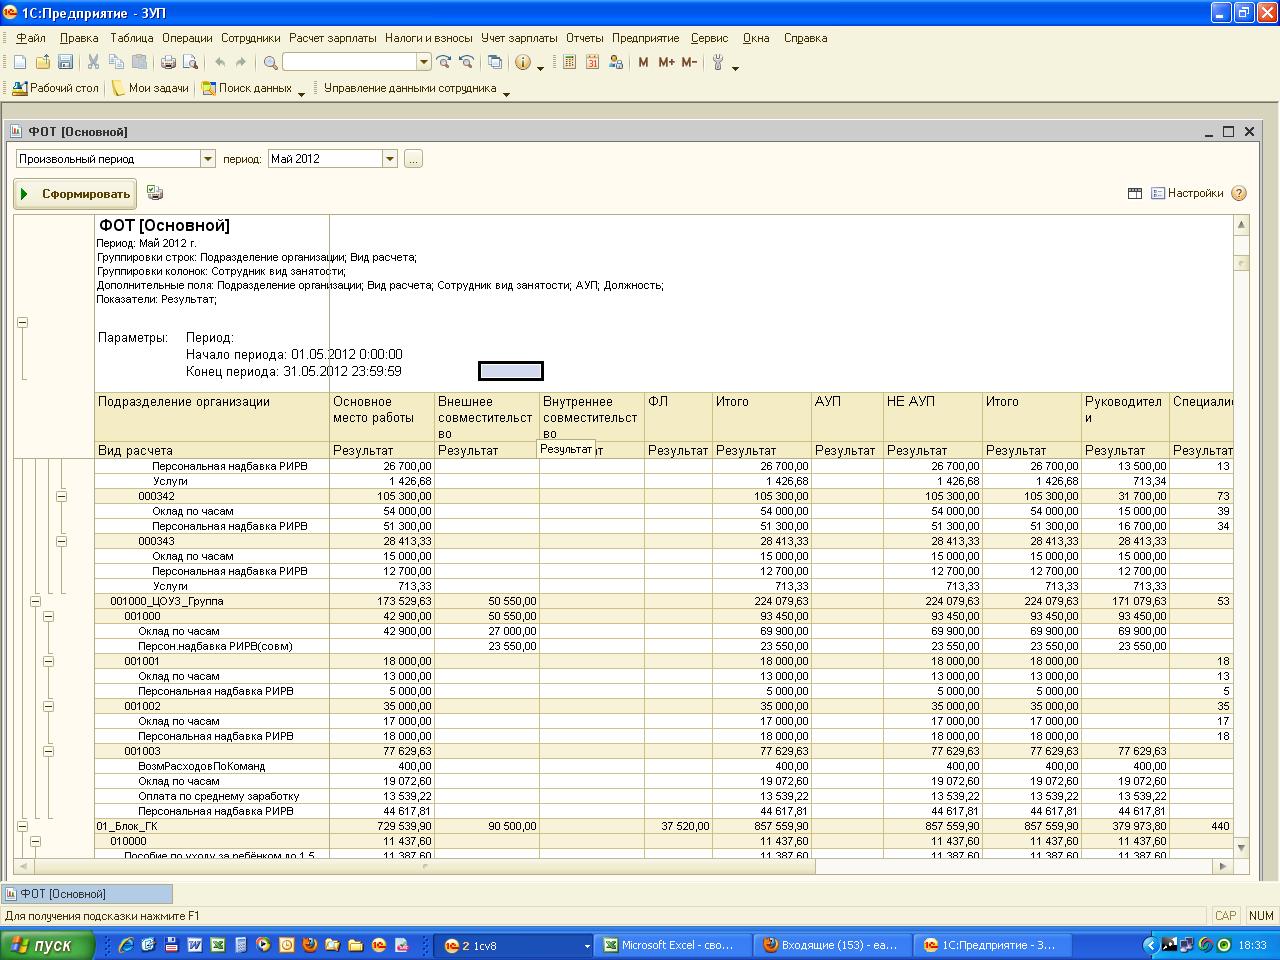 бланк приказ росстата от 24.07.2012 407